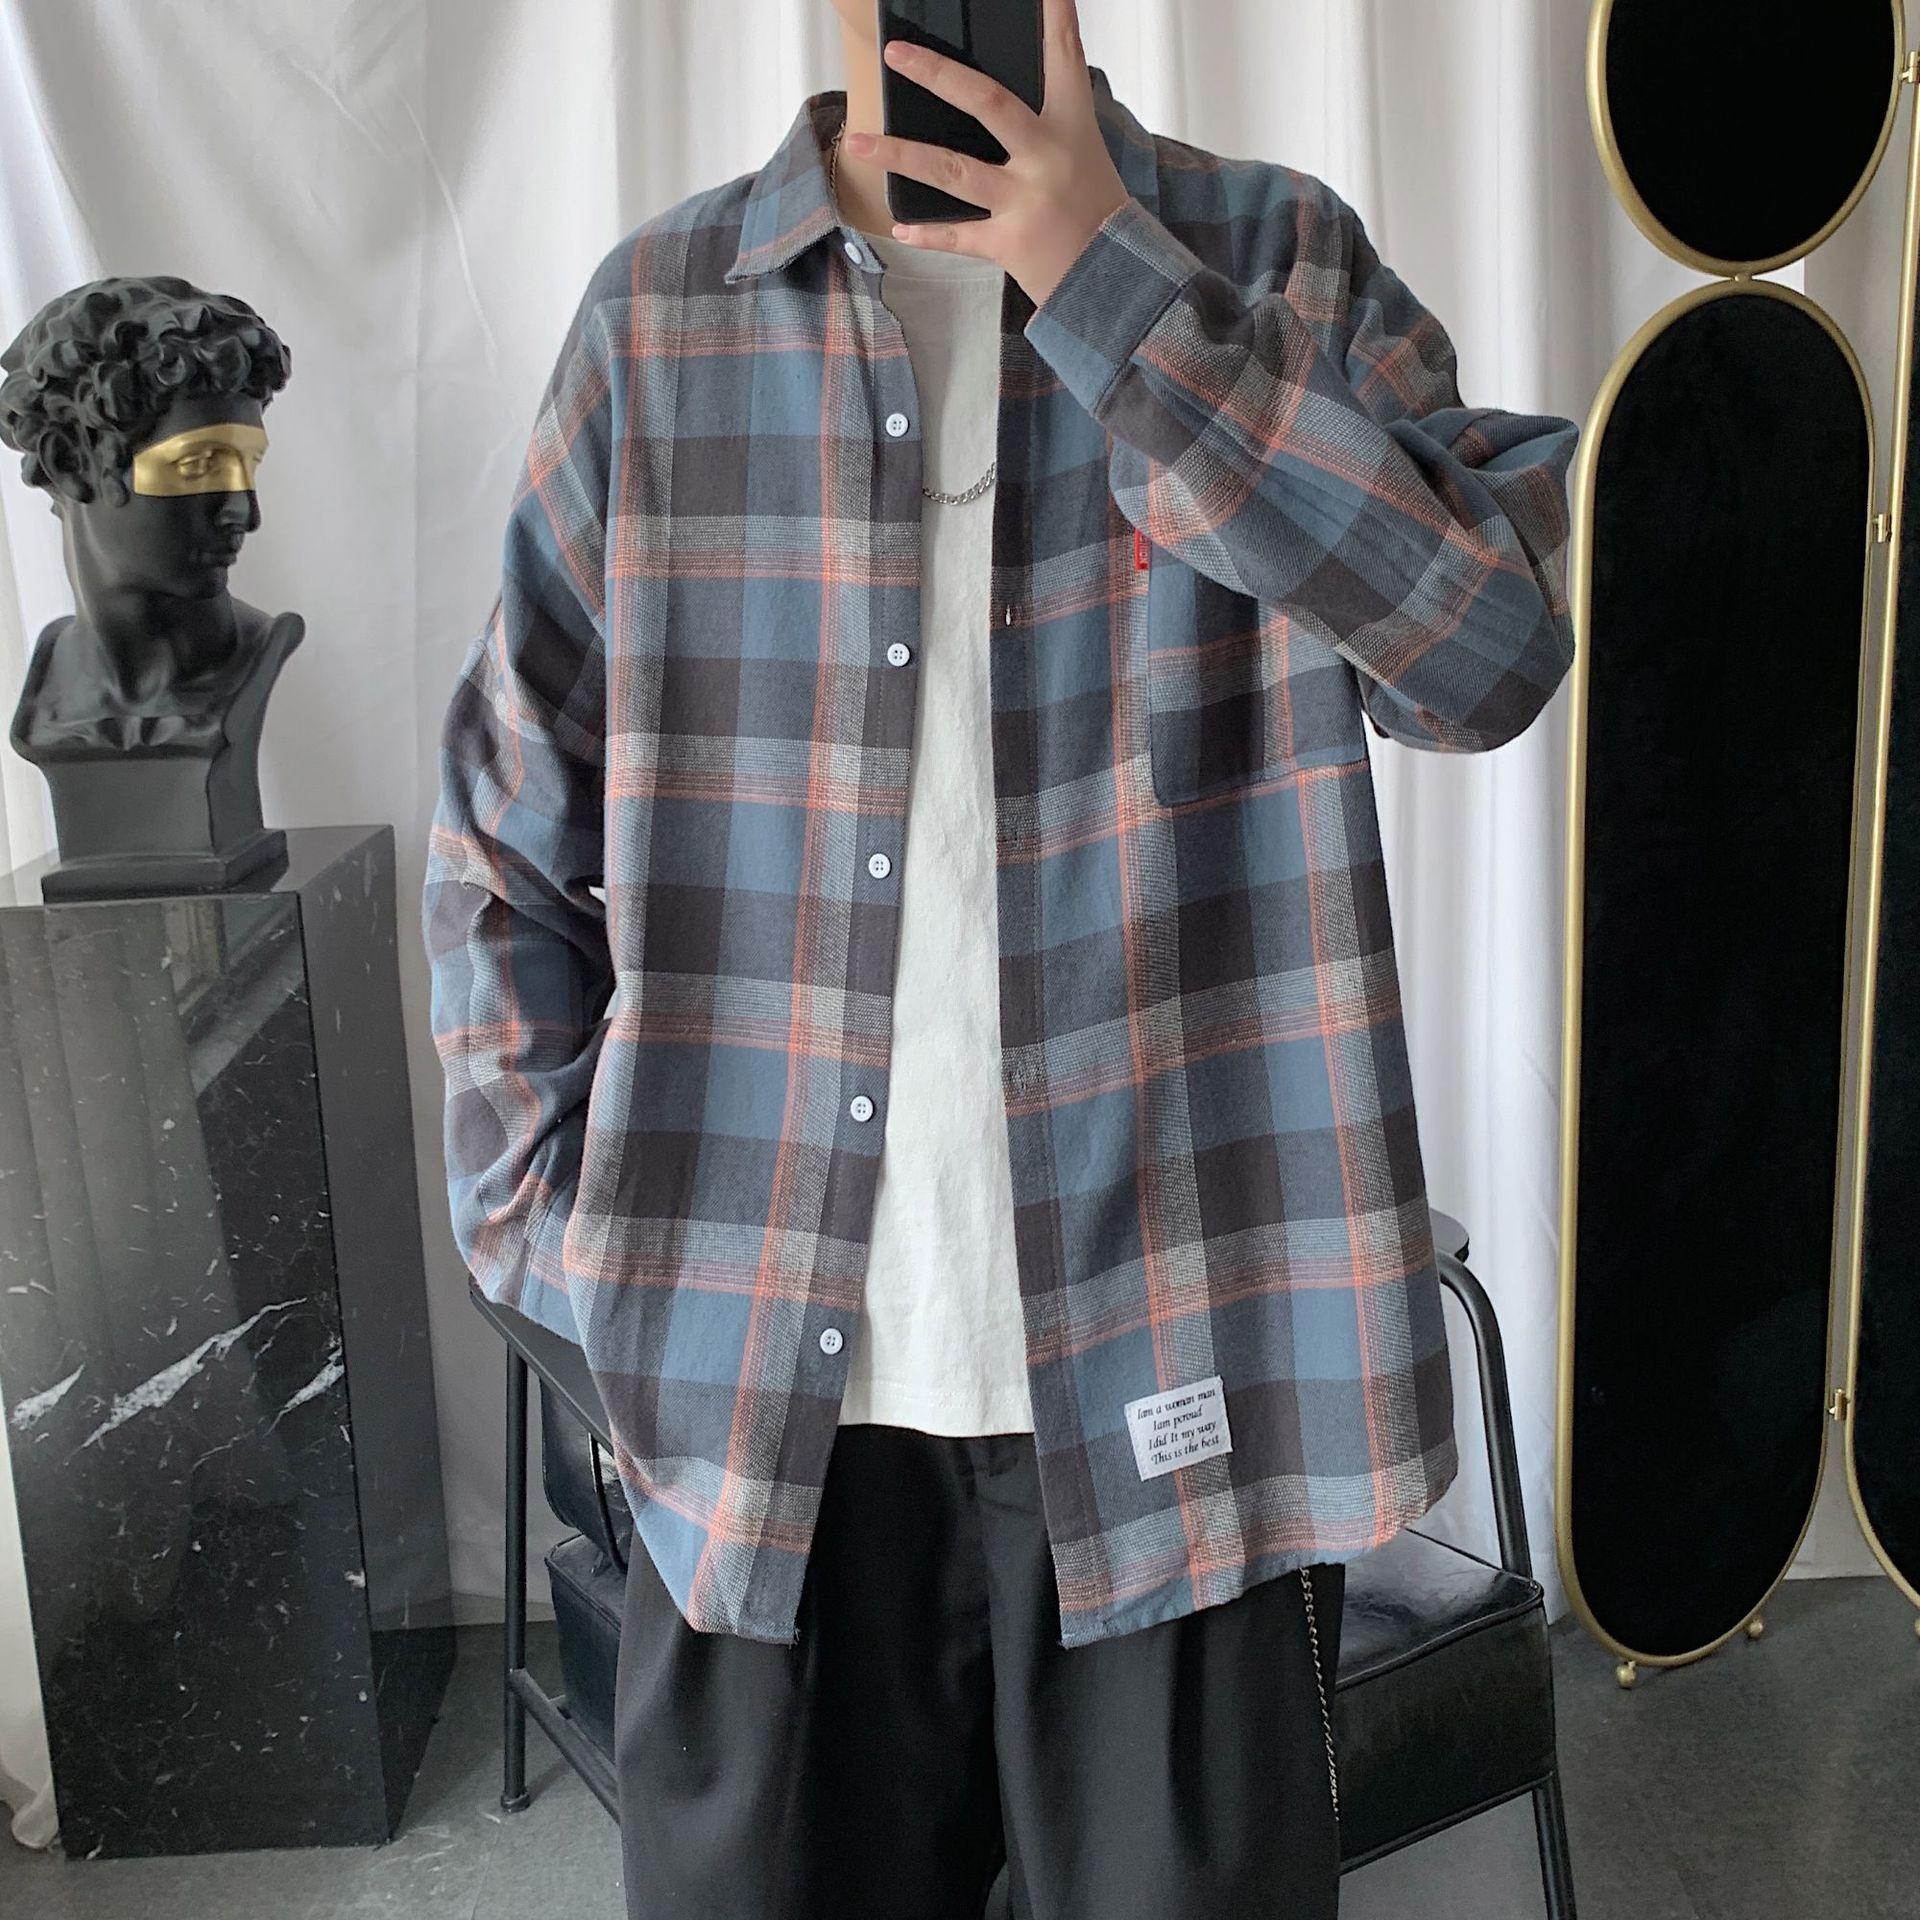 Мужская рубашка в клетку, весна-осень, мужская повседневная рубашка с длинными рукавами, мягкая и удобная мужская рубашка большого размера